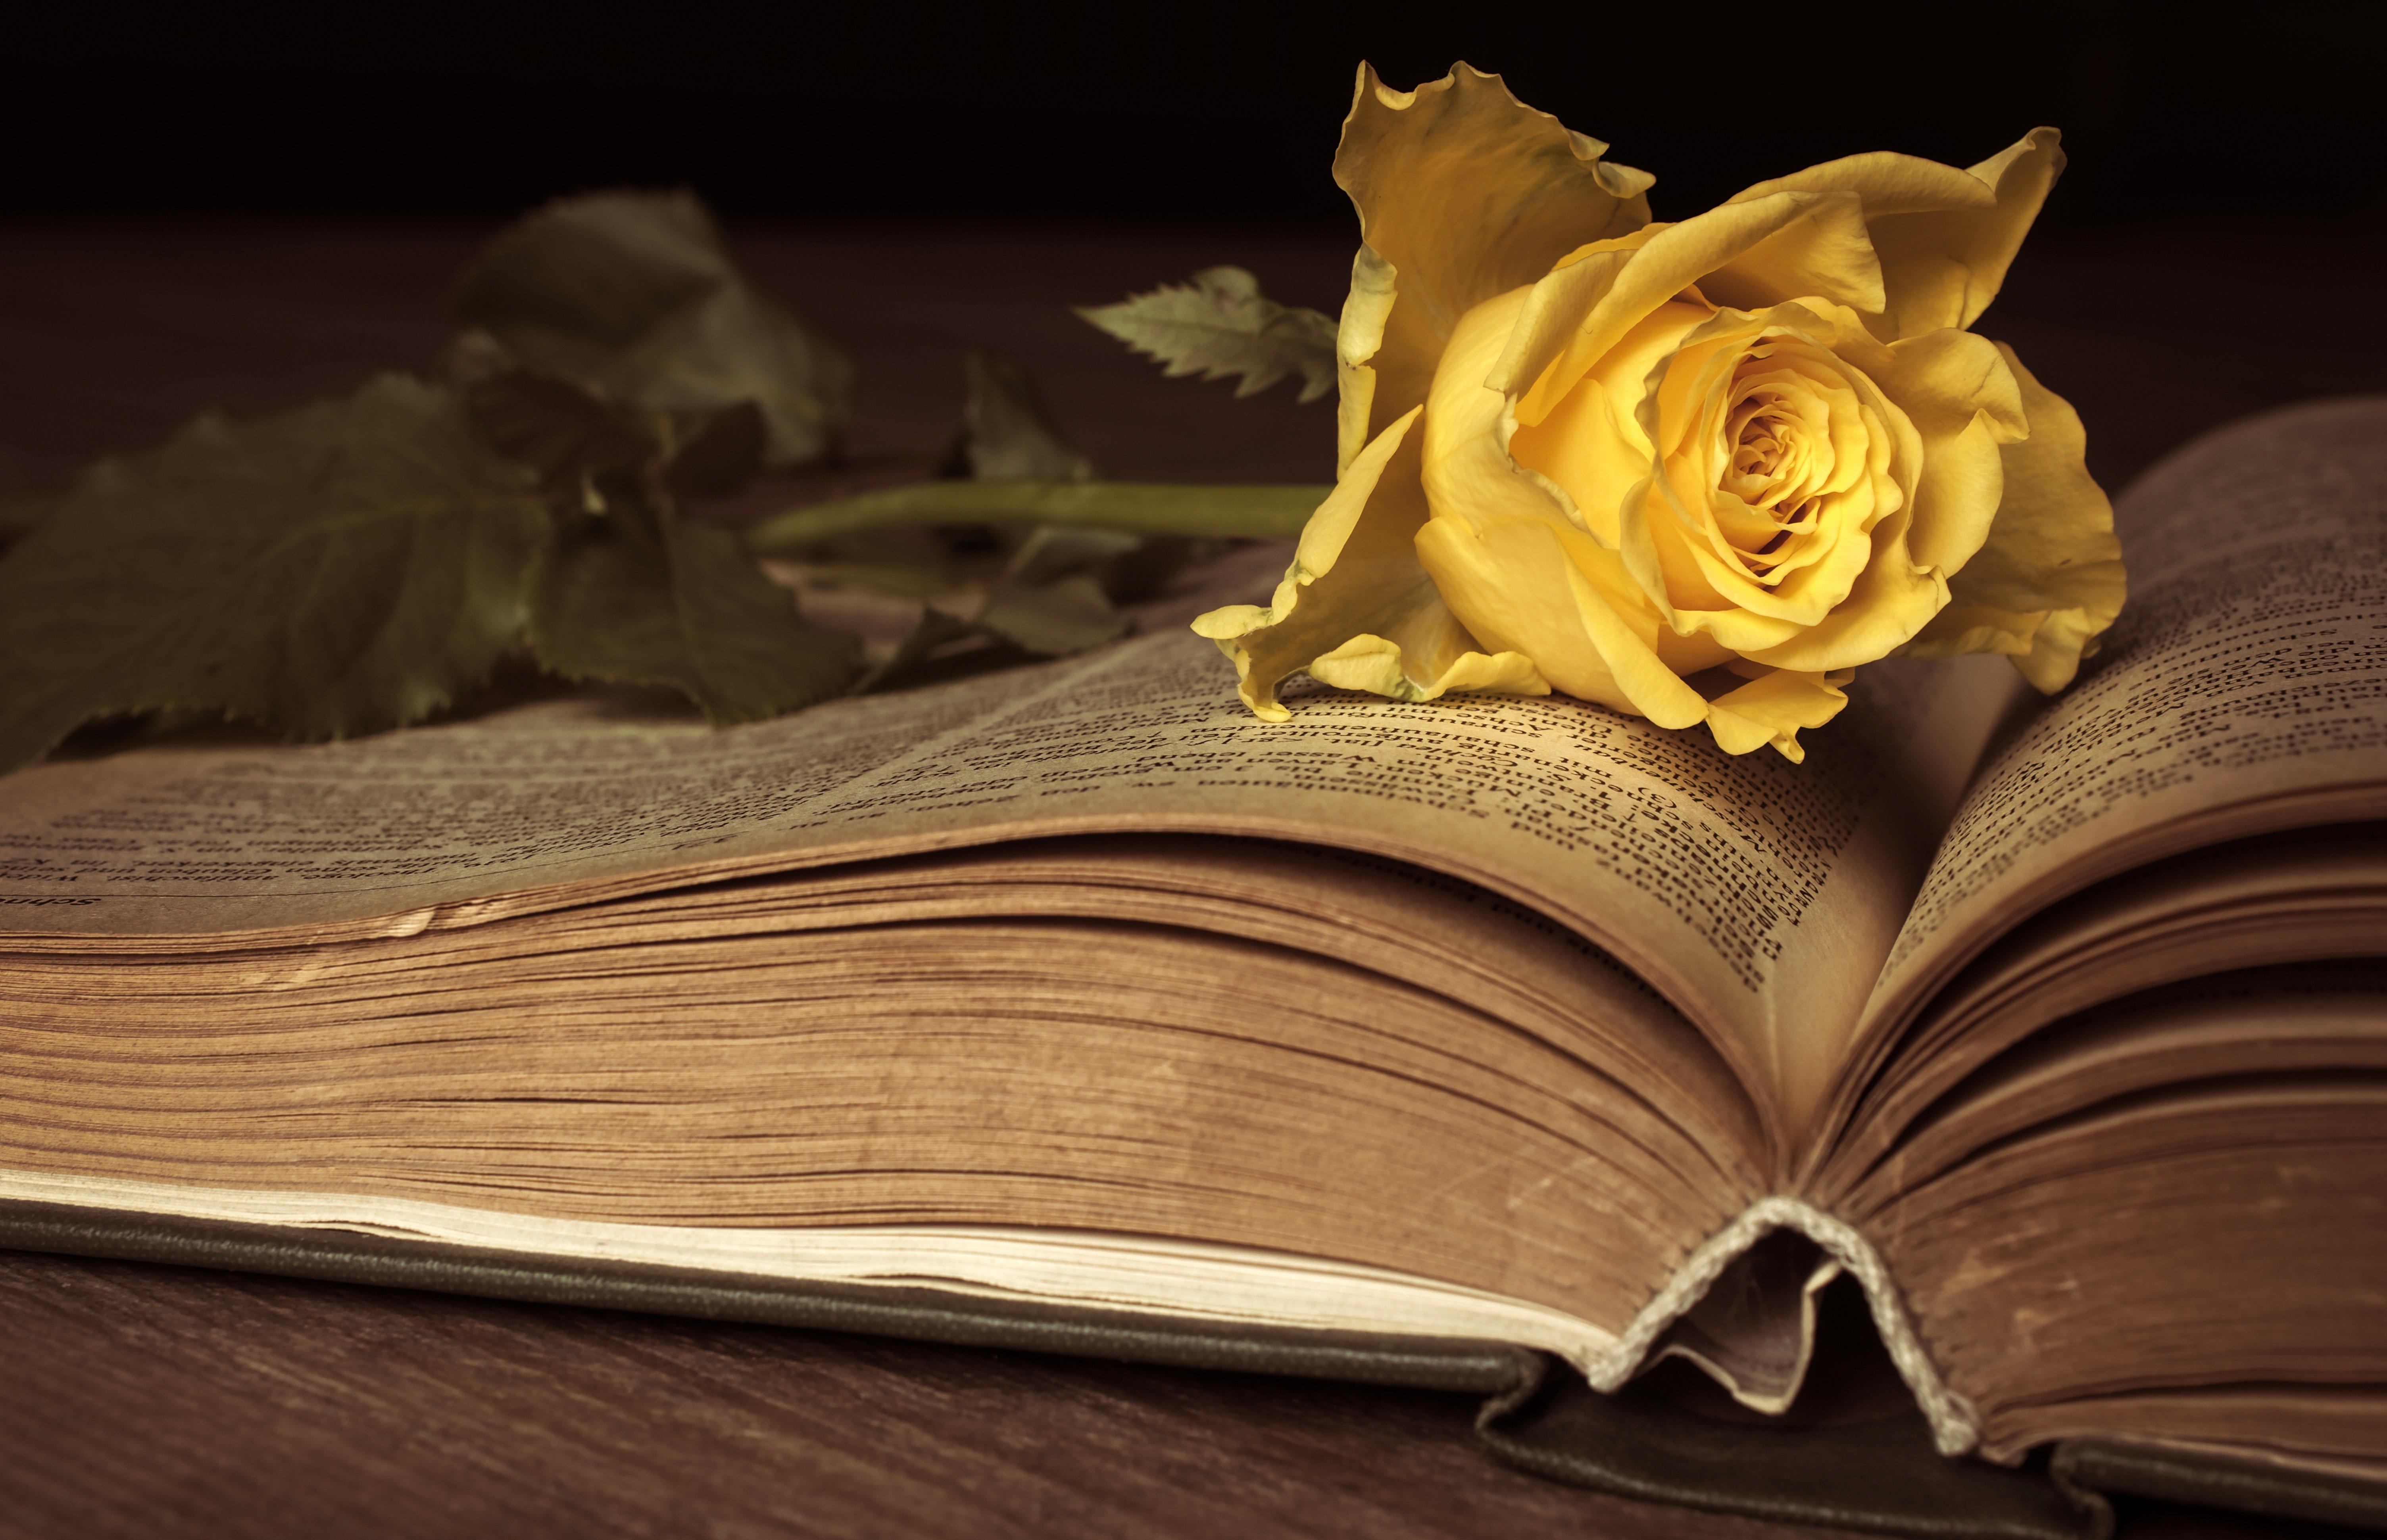 Book Flower 6016x3882